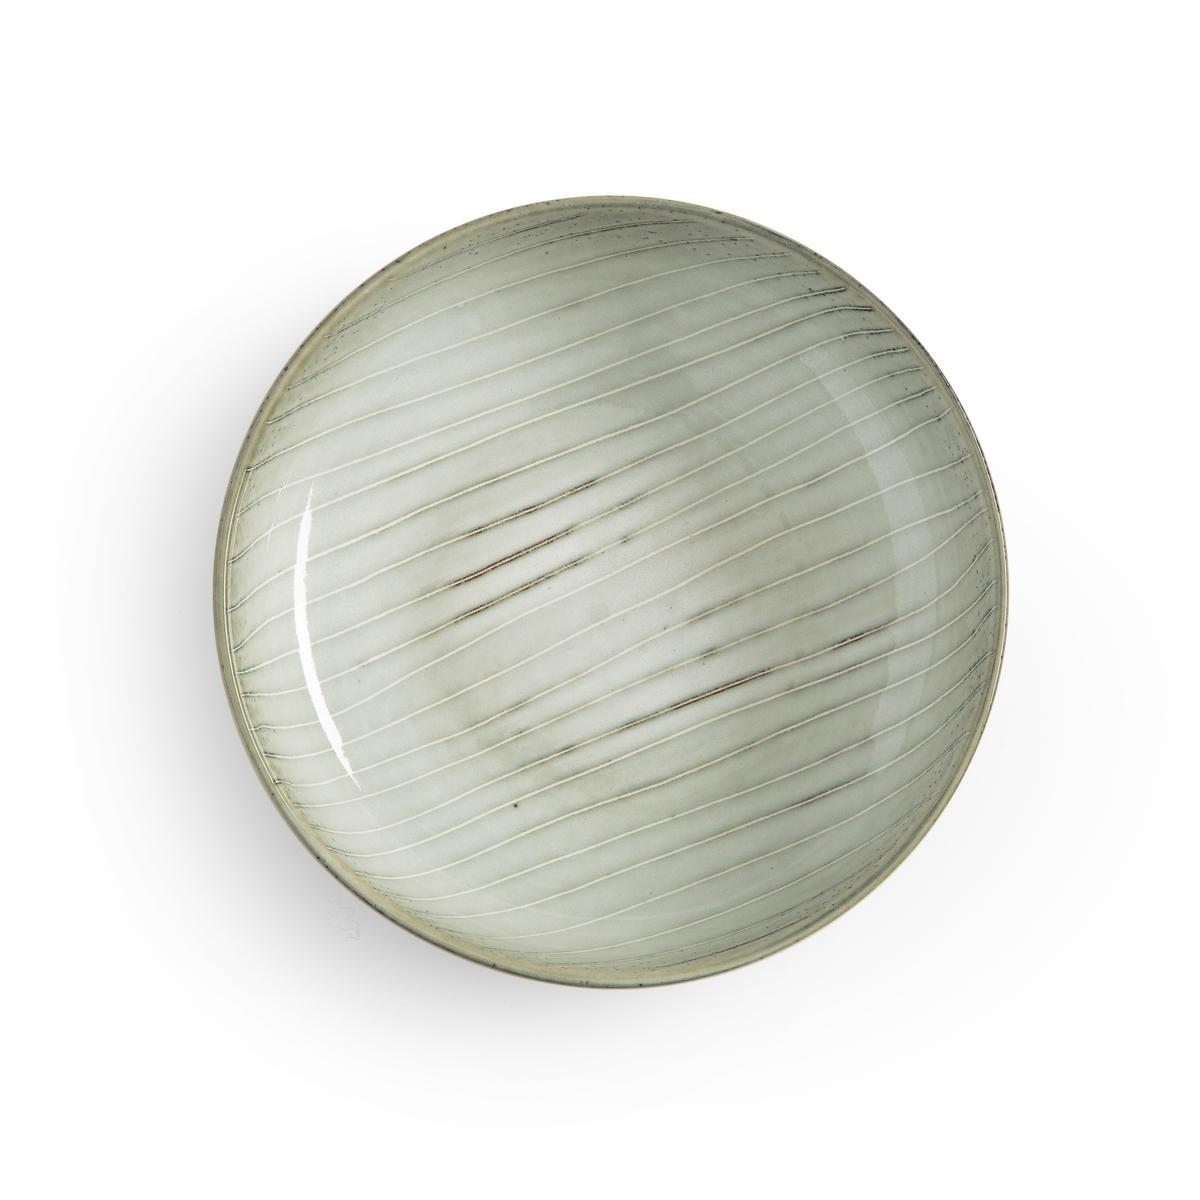 Чашки La Redoute Из керамики Shima единый размер зеленый плоские la redoute тарелки из эмалированной керамики attale единый размер каштановый